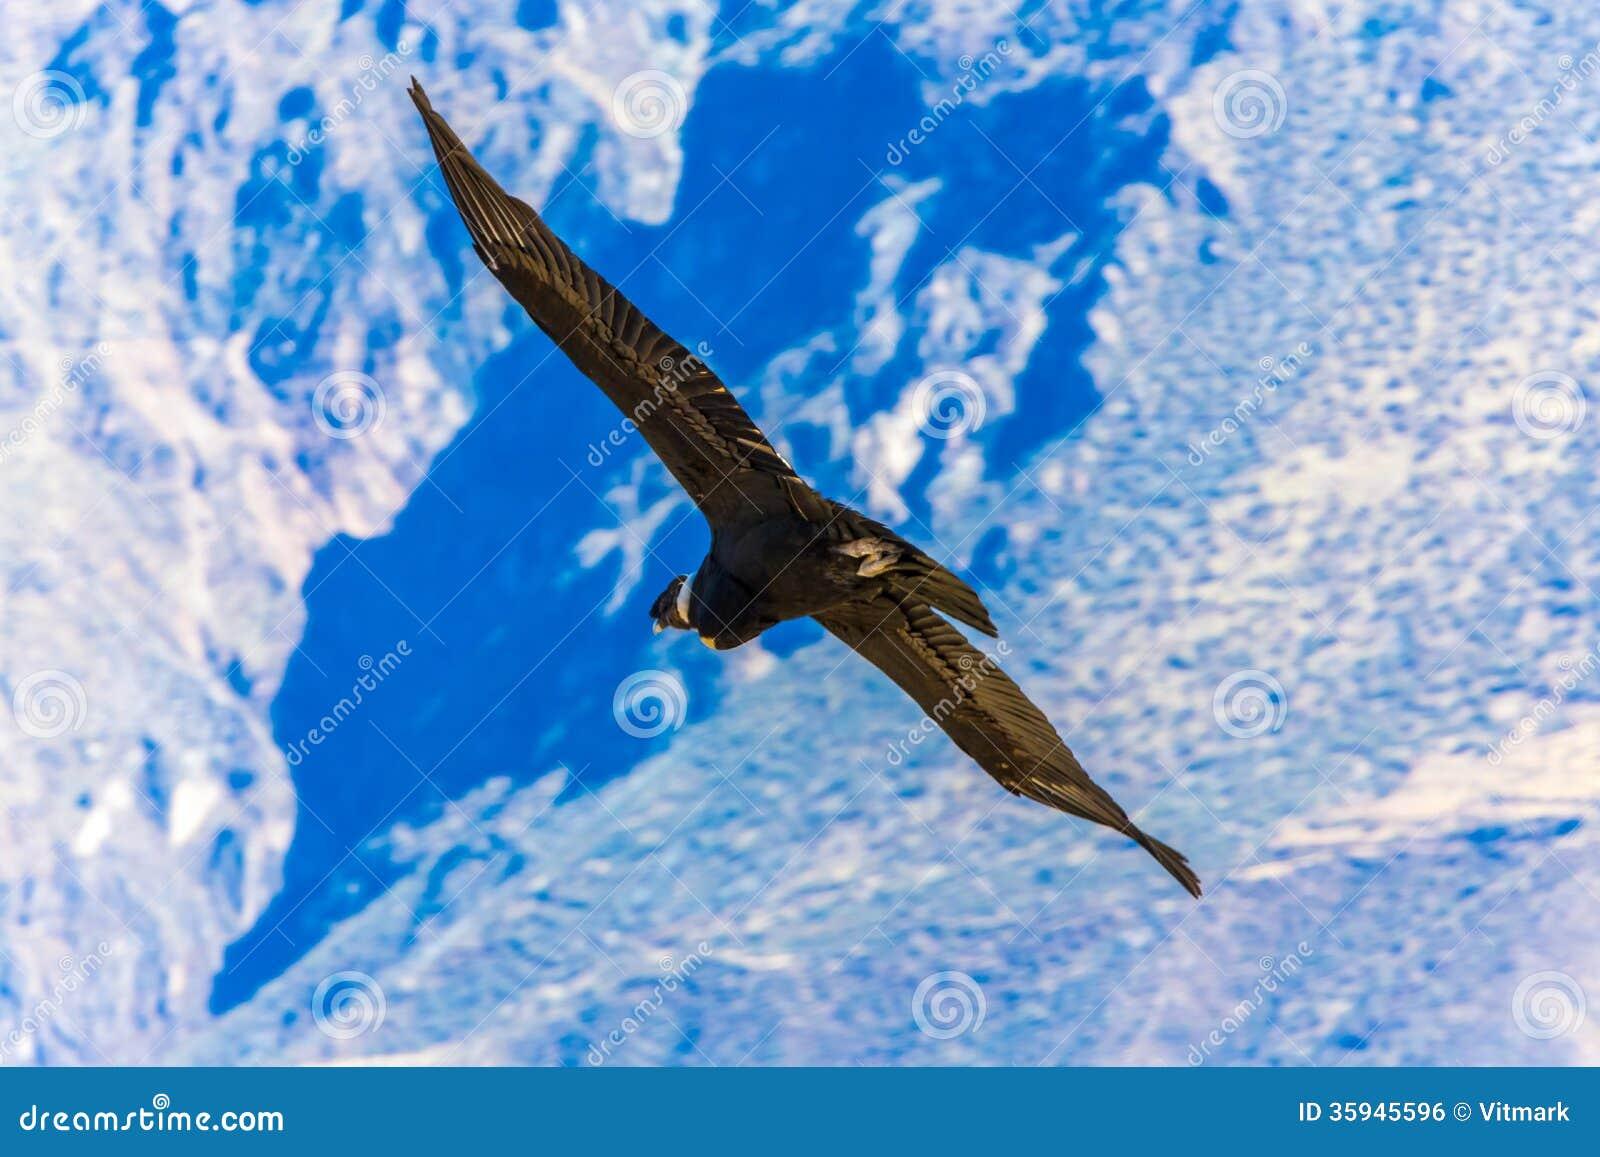 Flygkondor över den Colca kanjonen, Peru, Sydamerika. Denna kondor den största flygfågeln